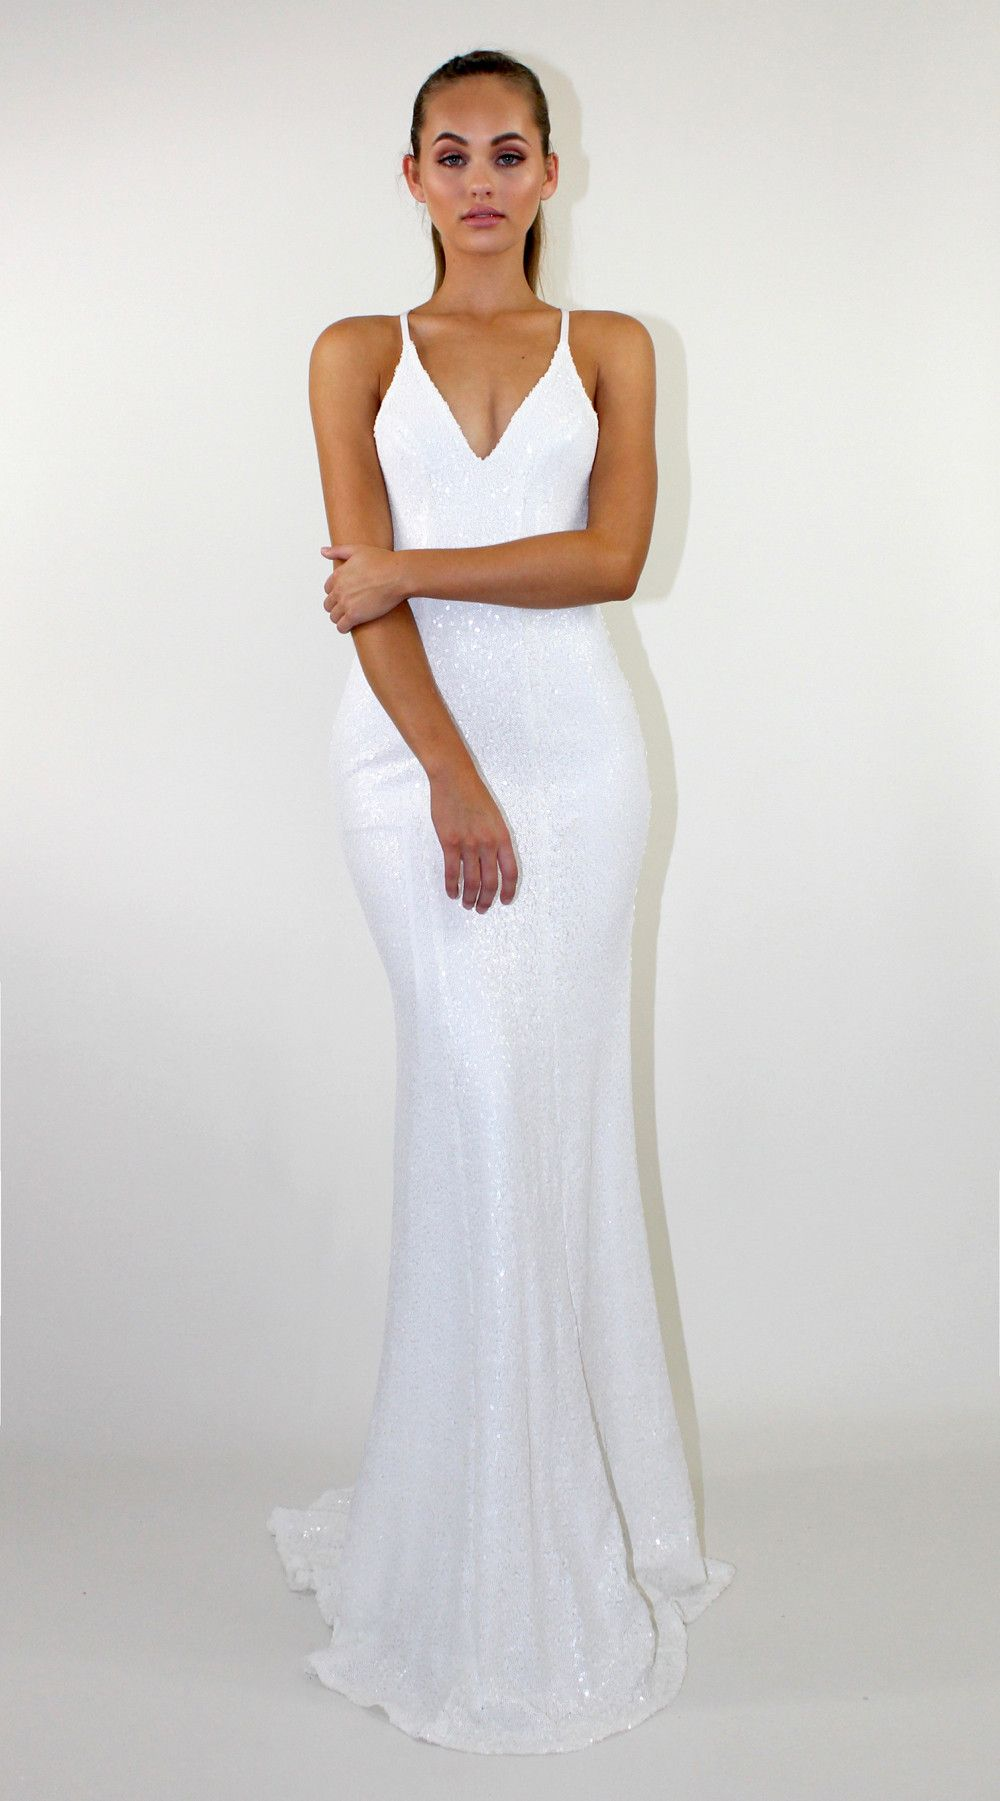 Goddess White Long Sequin Dress White Sequin Dress Low Back Dresses [ 1801 x 1000 Pixel ]